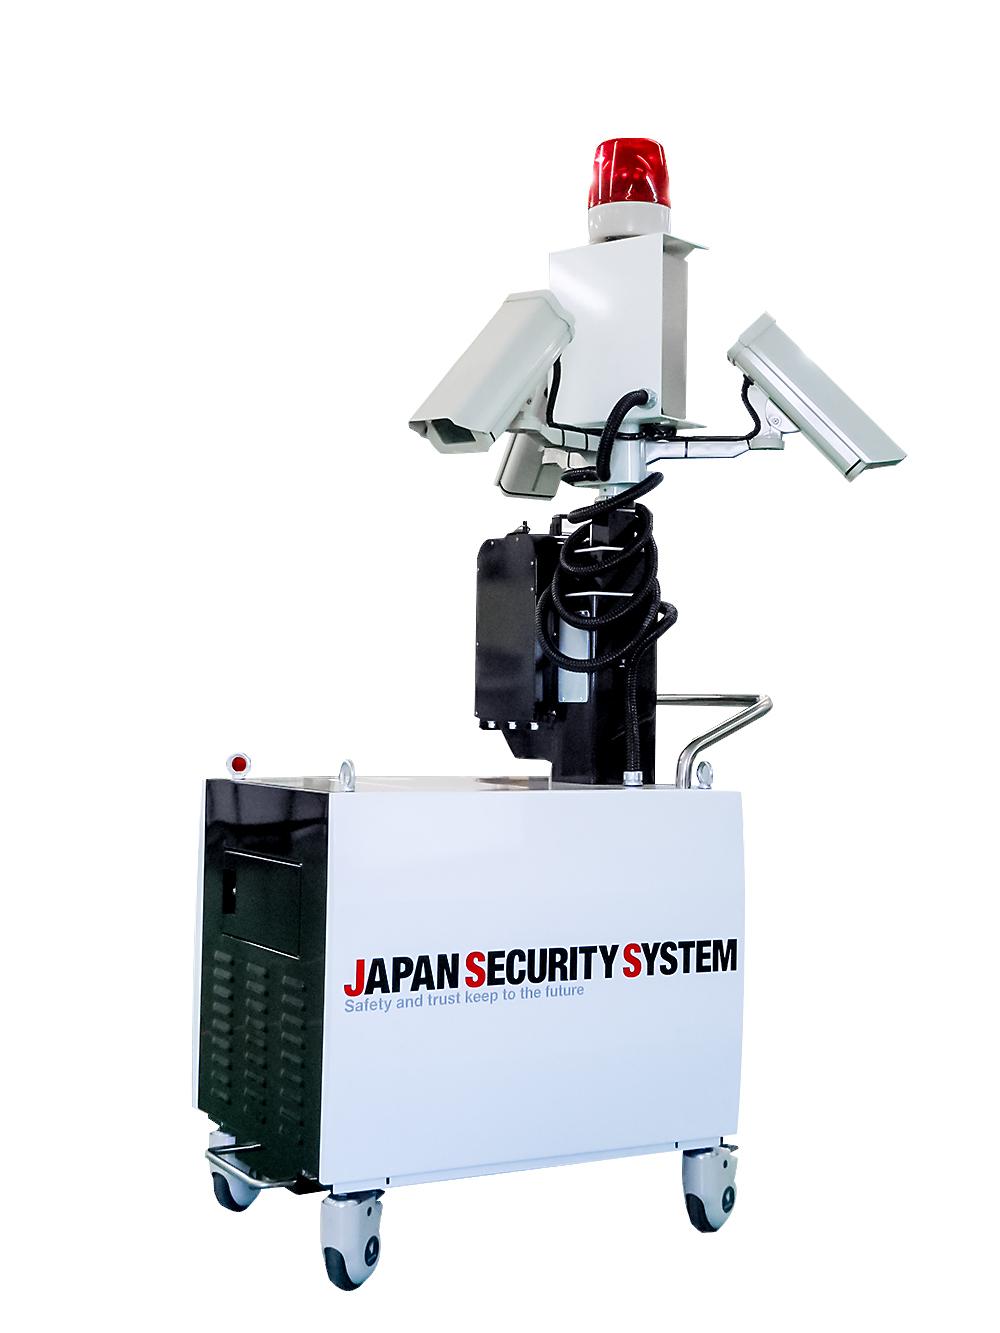 移動式監視カメラ装置の特許権を取得しました